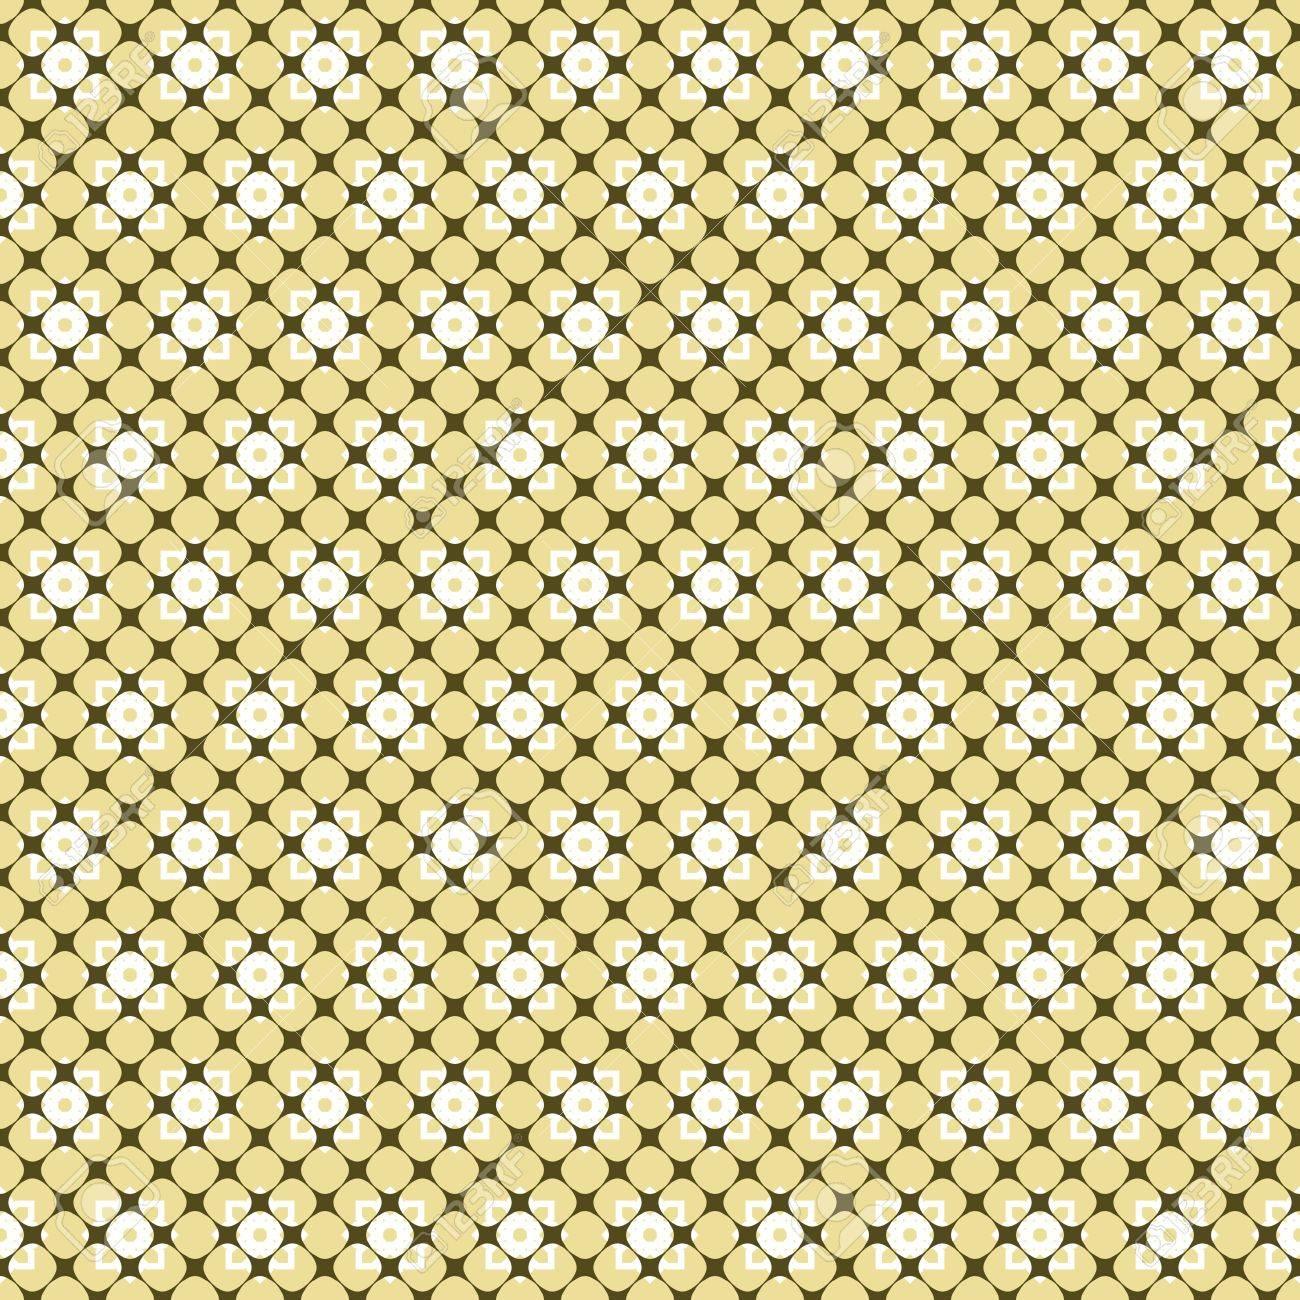 Astratto Modello Senza Soluzione Di Continuità Su Cellulare Scolpita Sfondo Fiori Giallo Bianco I Colori Verde Oliva Scuro Stampa Senza Fine Ed